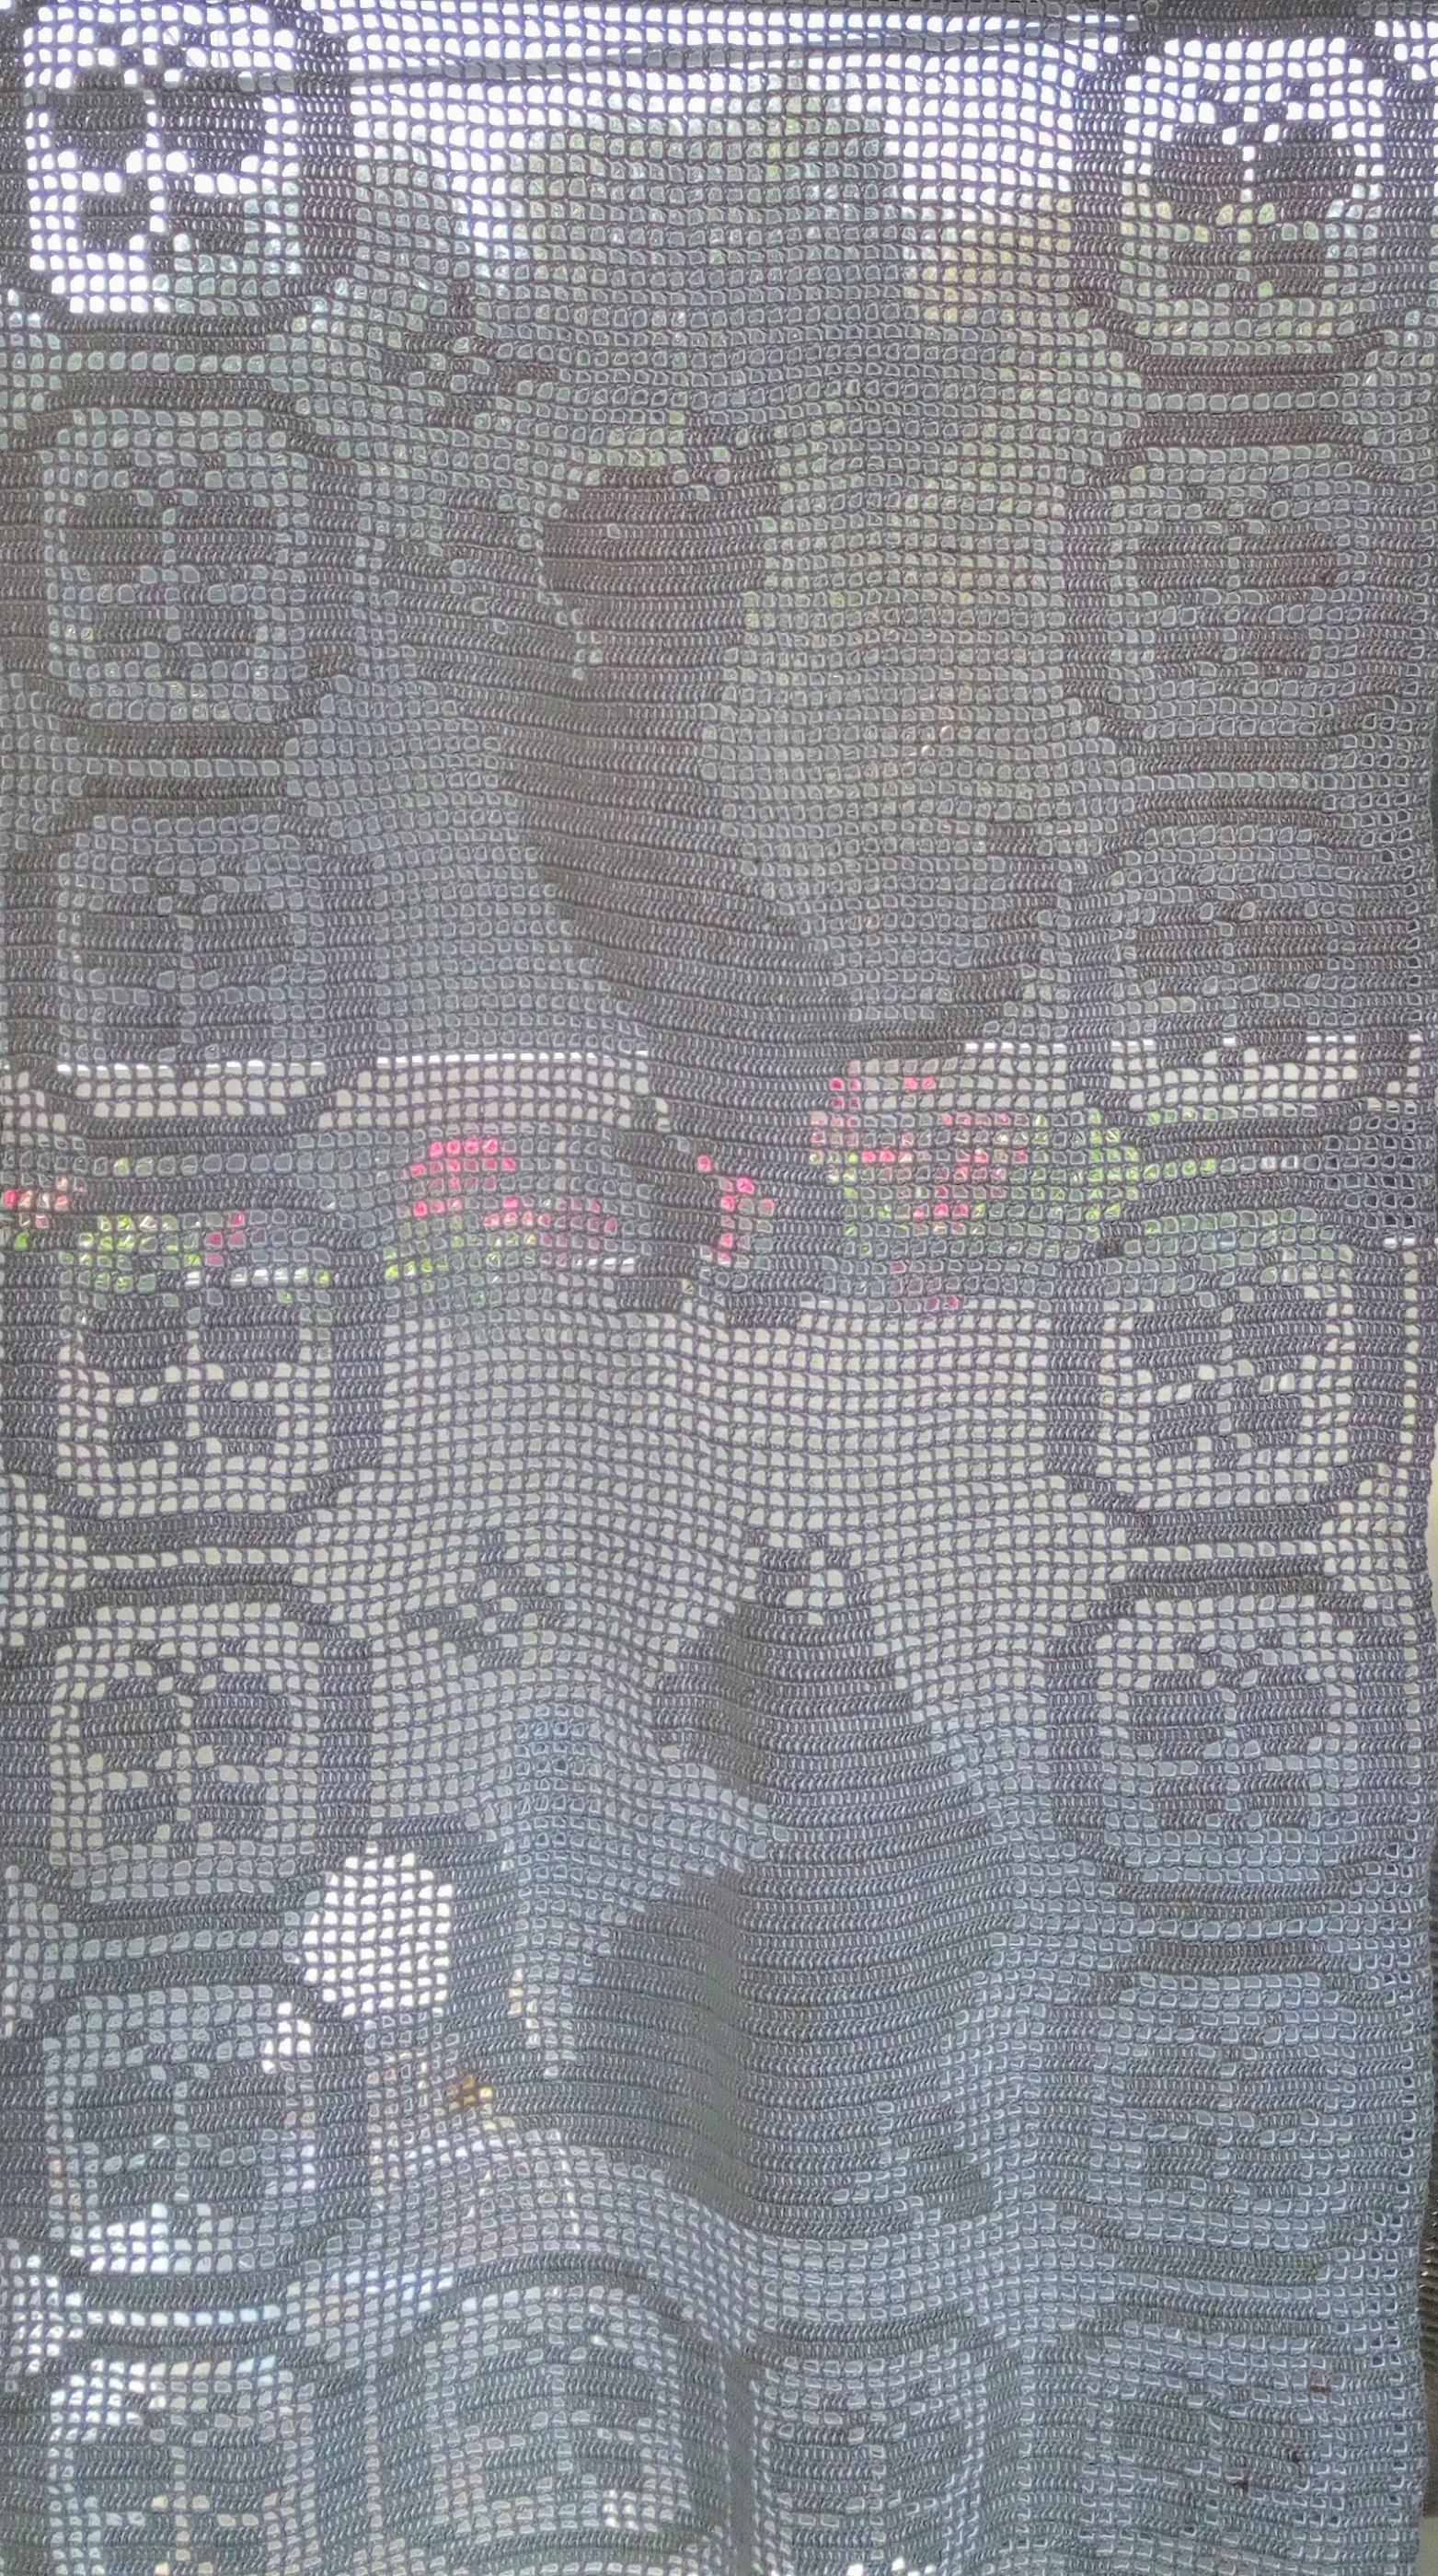 Gardinpanel katt och fjäril i fönster